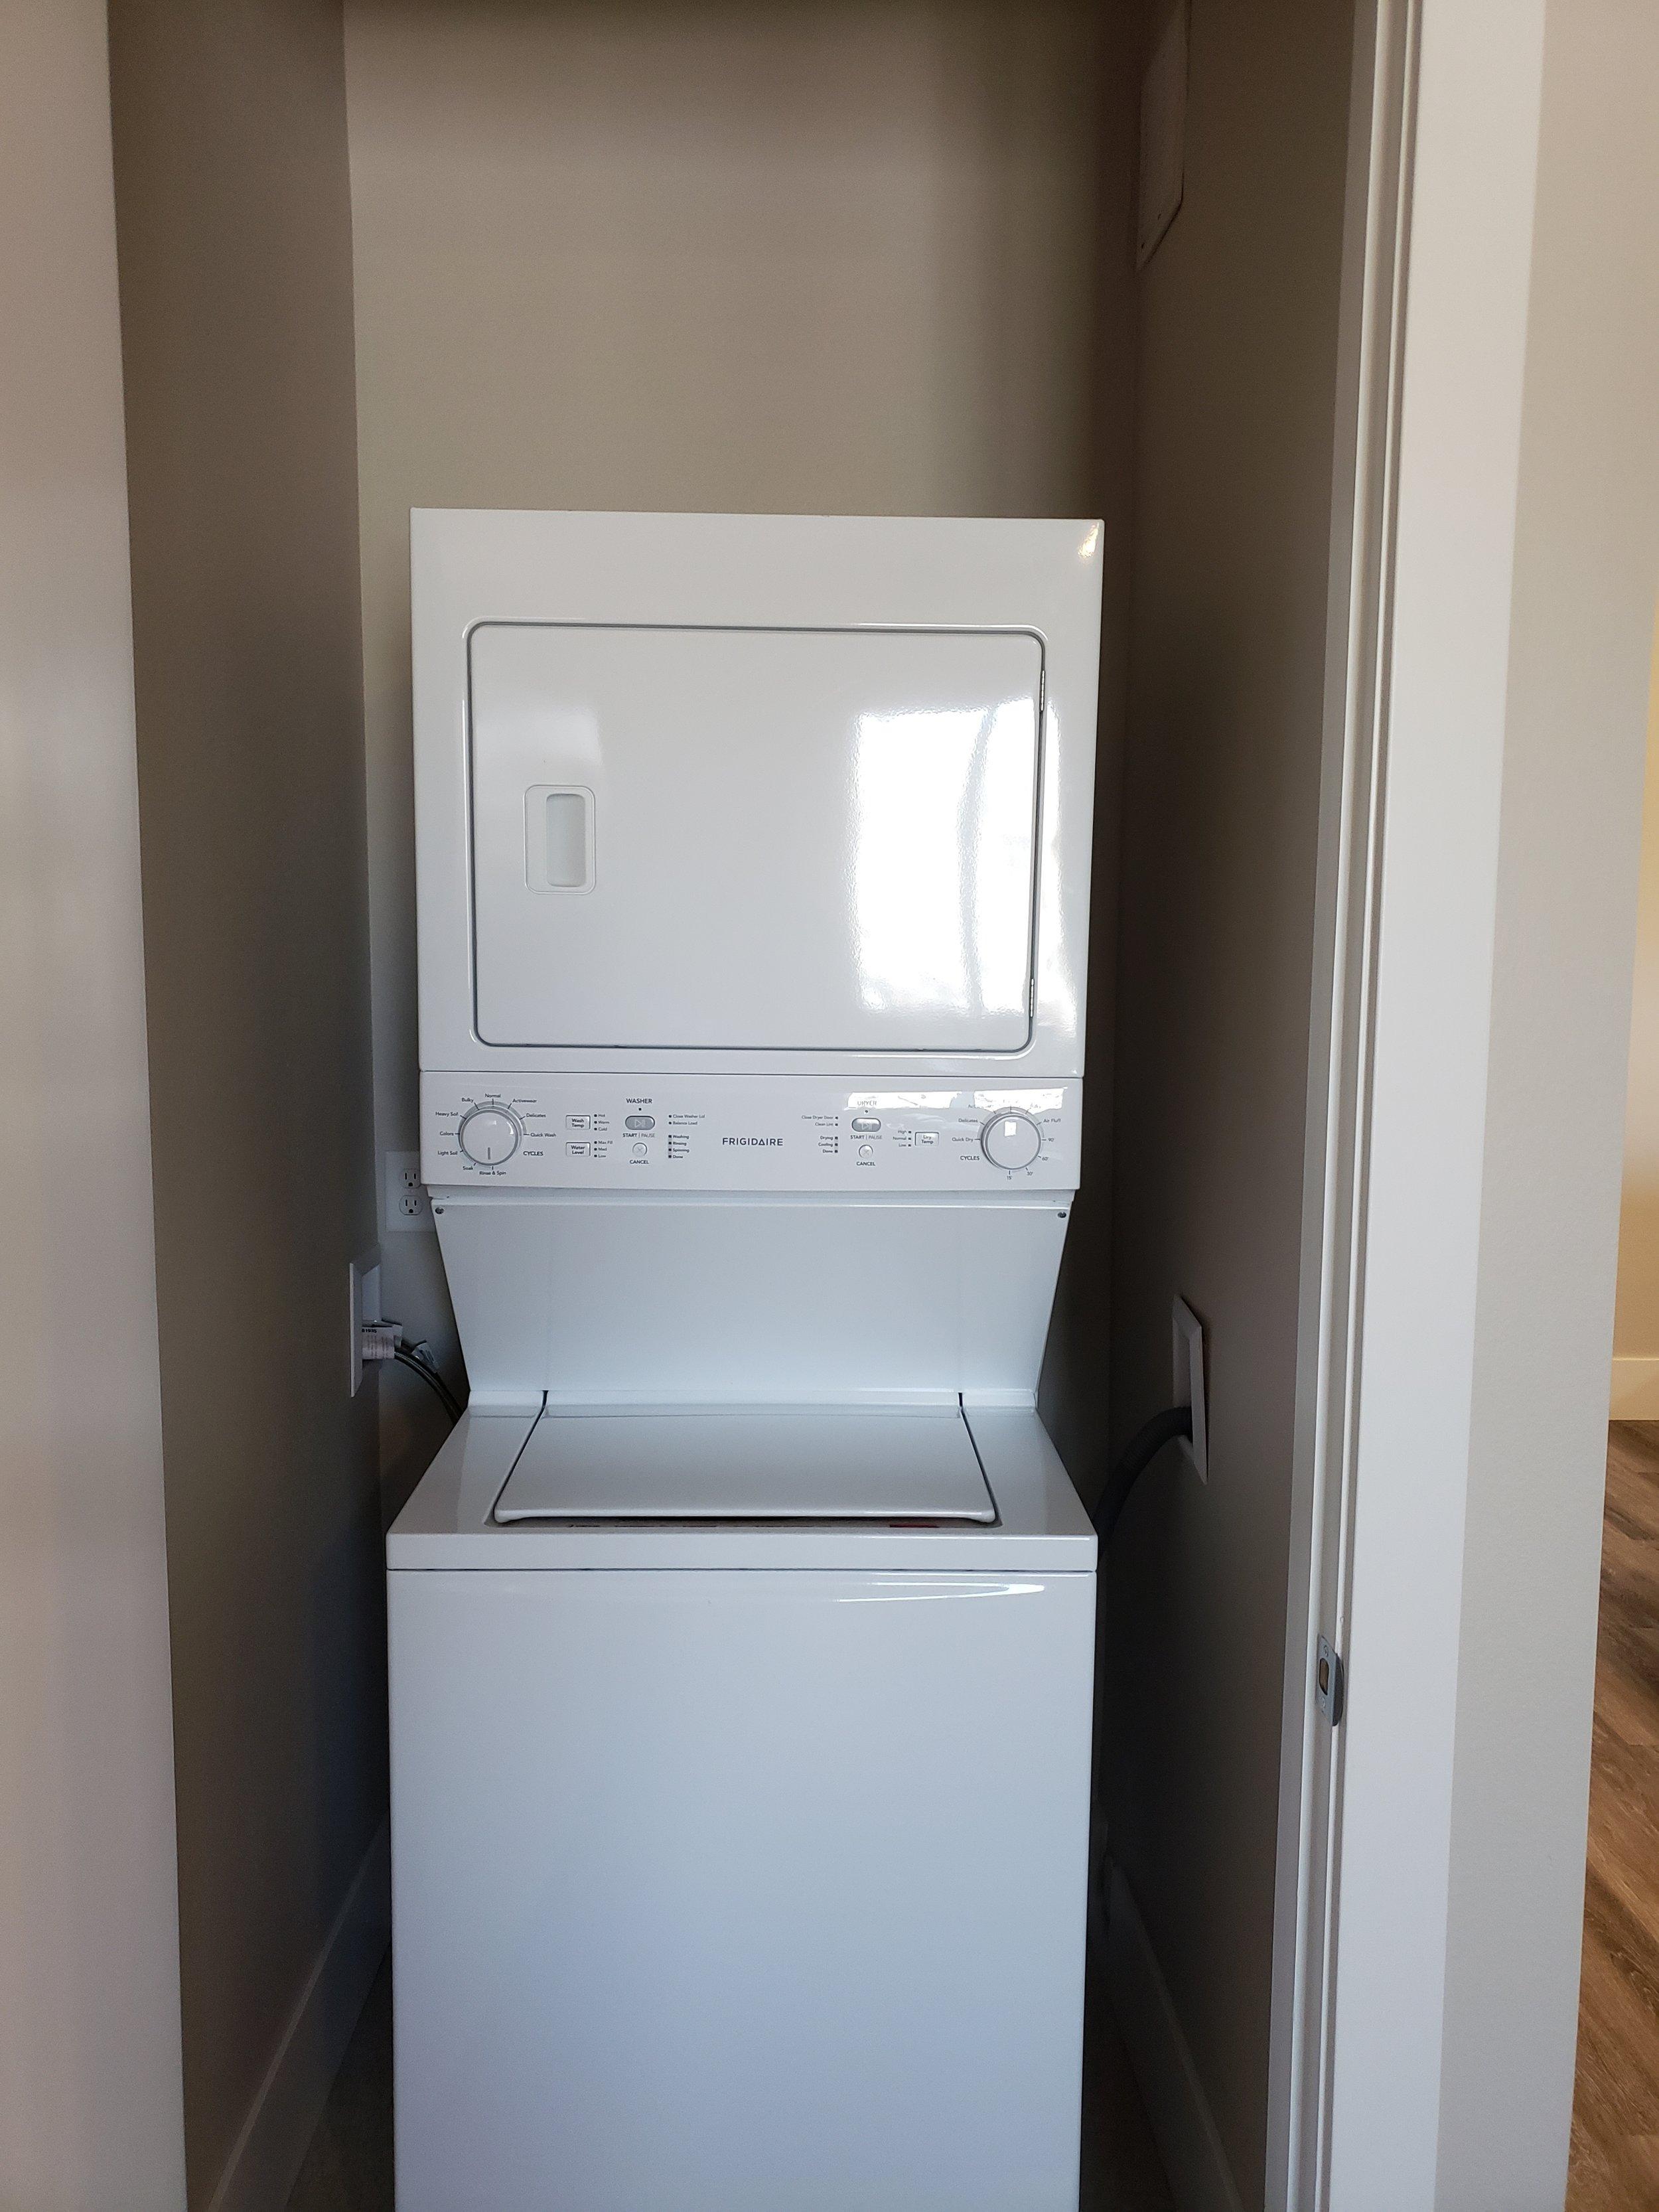 20181219_103219_In-Unit Washer-Dryer.jpg